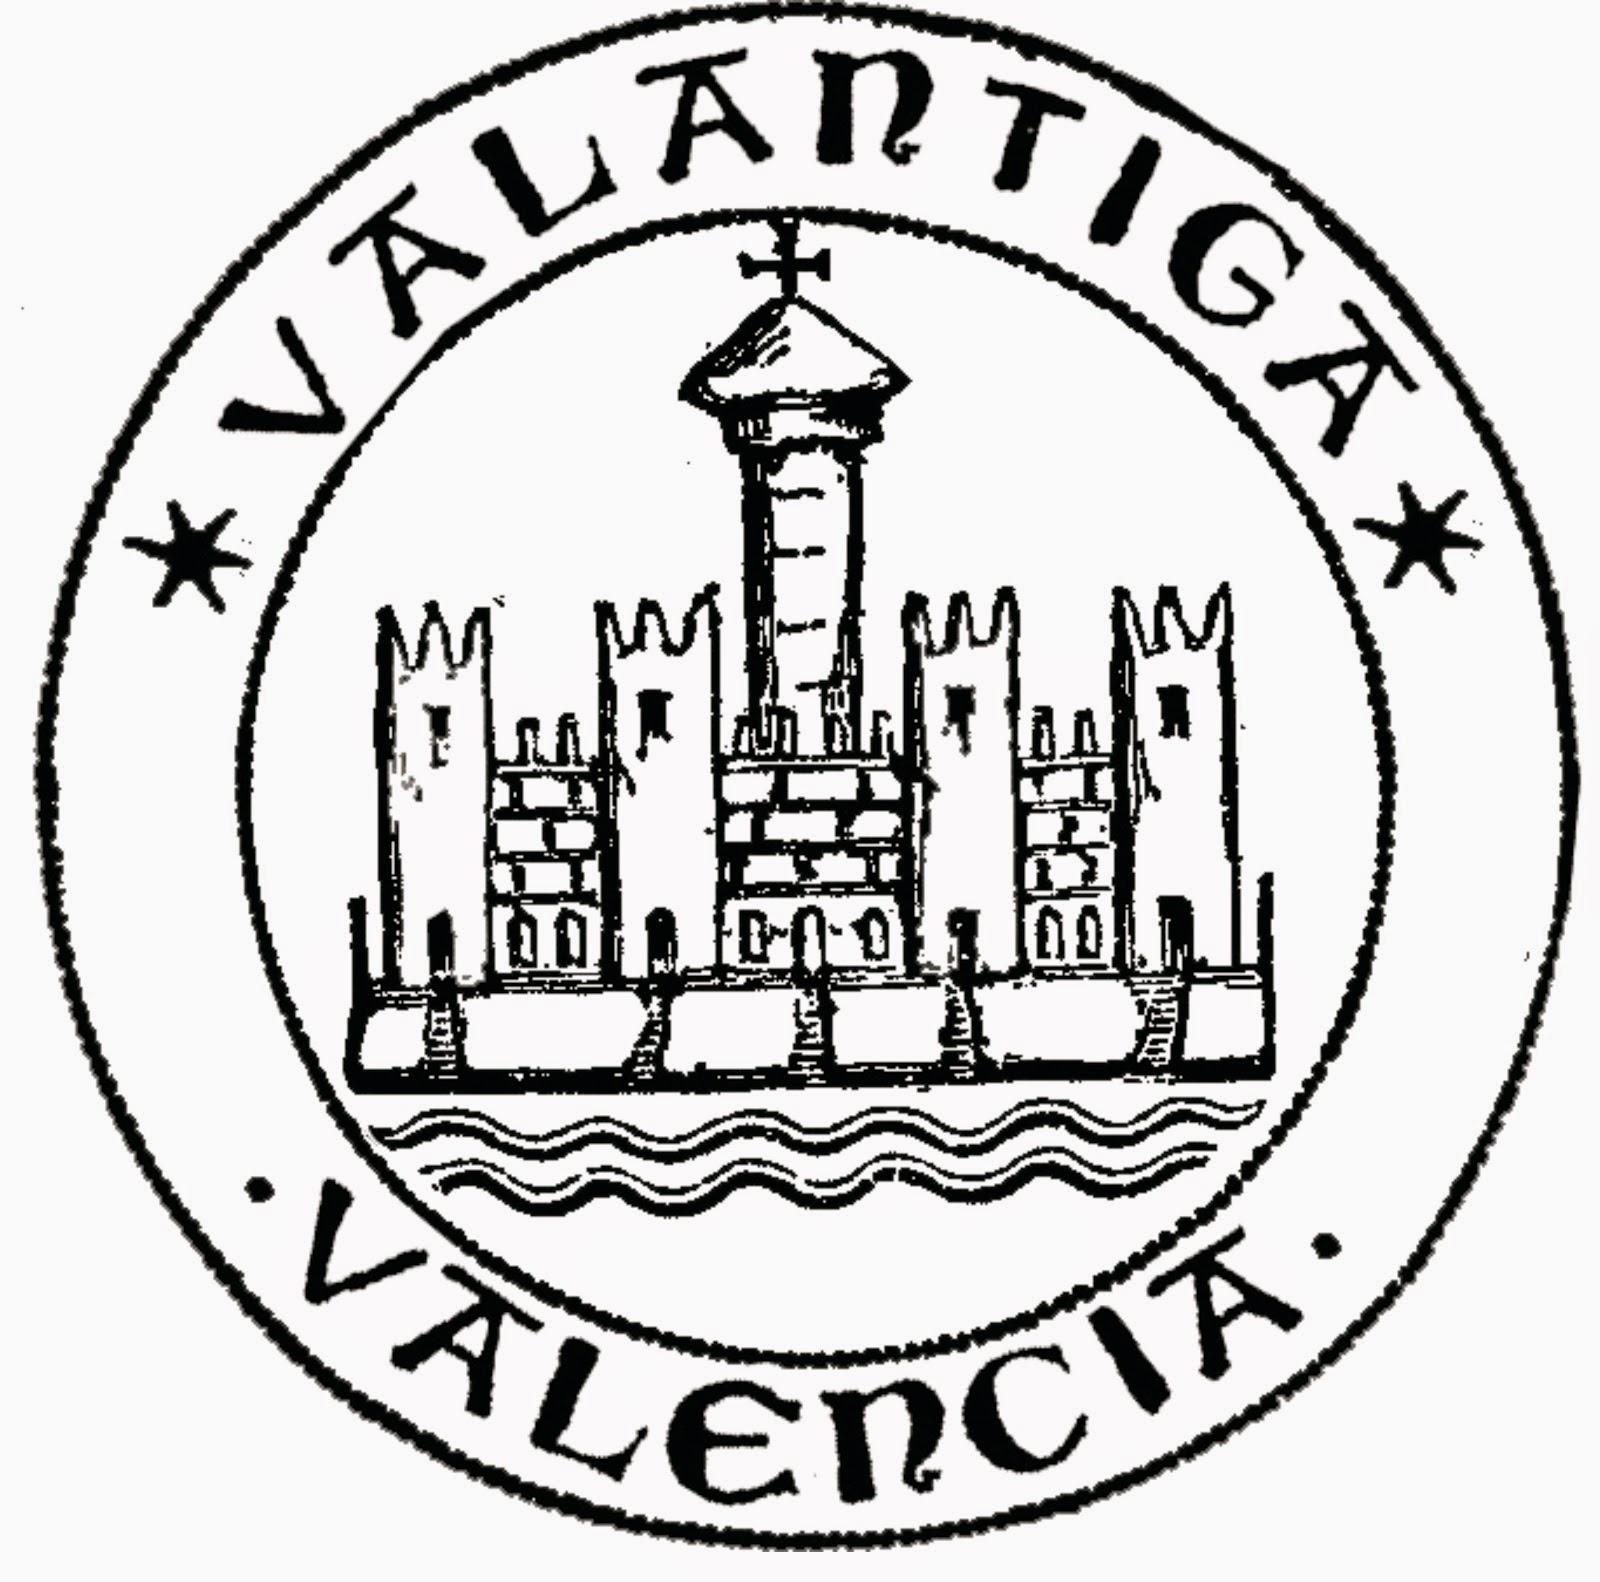 VALANTIGA